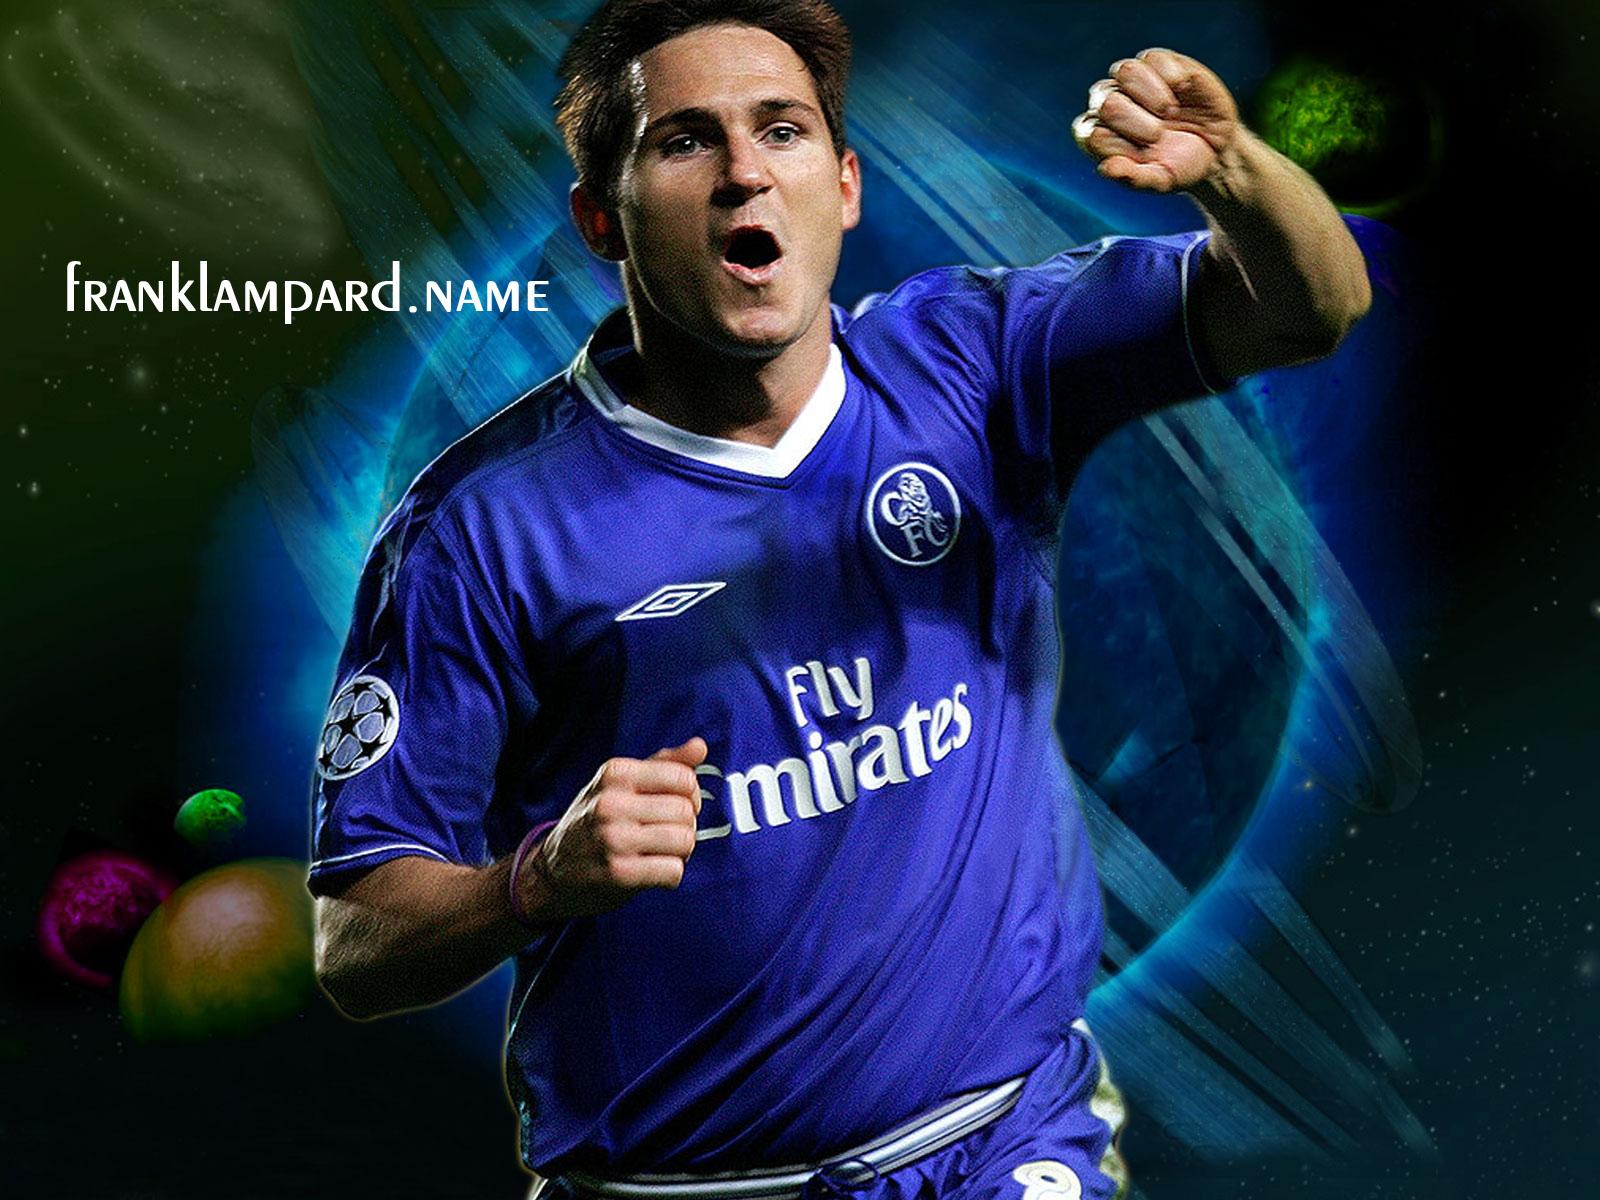 http://4.bp.blogspot.com/-bBjWdPl_8Fg/UPlTYaxHoKI/AAAAAAAAAOM/2M_1n_Tj2OU/s1600/Frank+Lampard+1.jpg